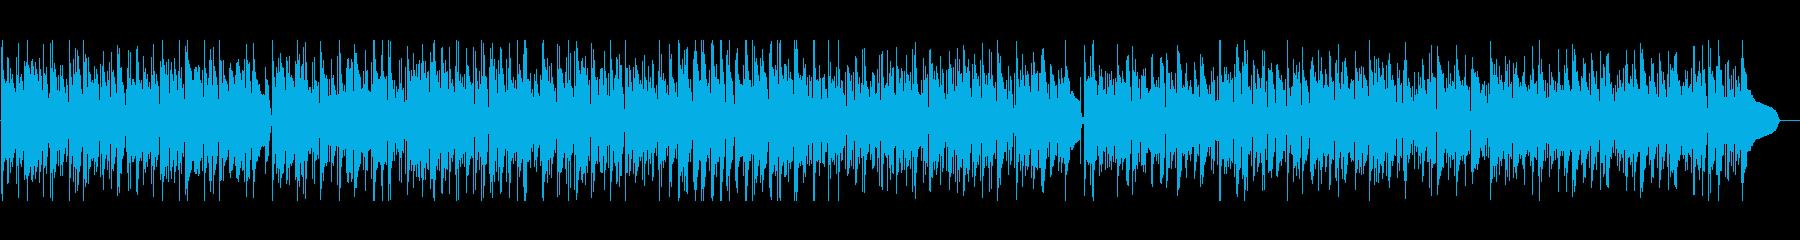 ギターとピアノが印象的なボサノバの再生済みの波形